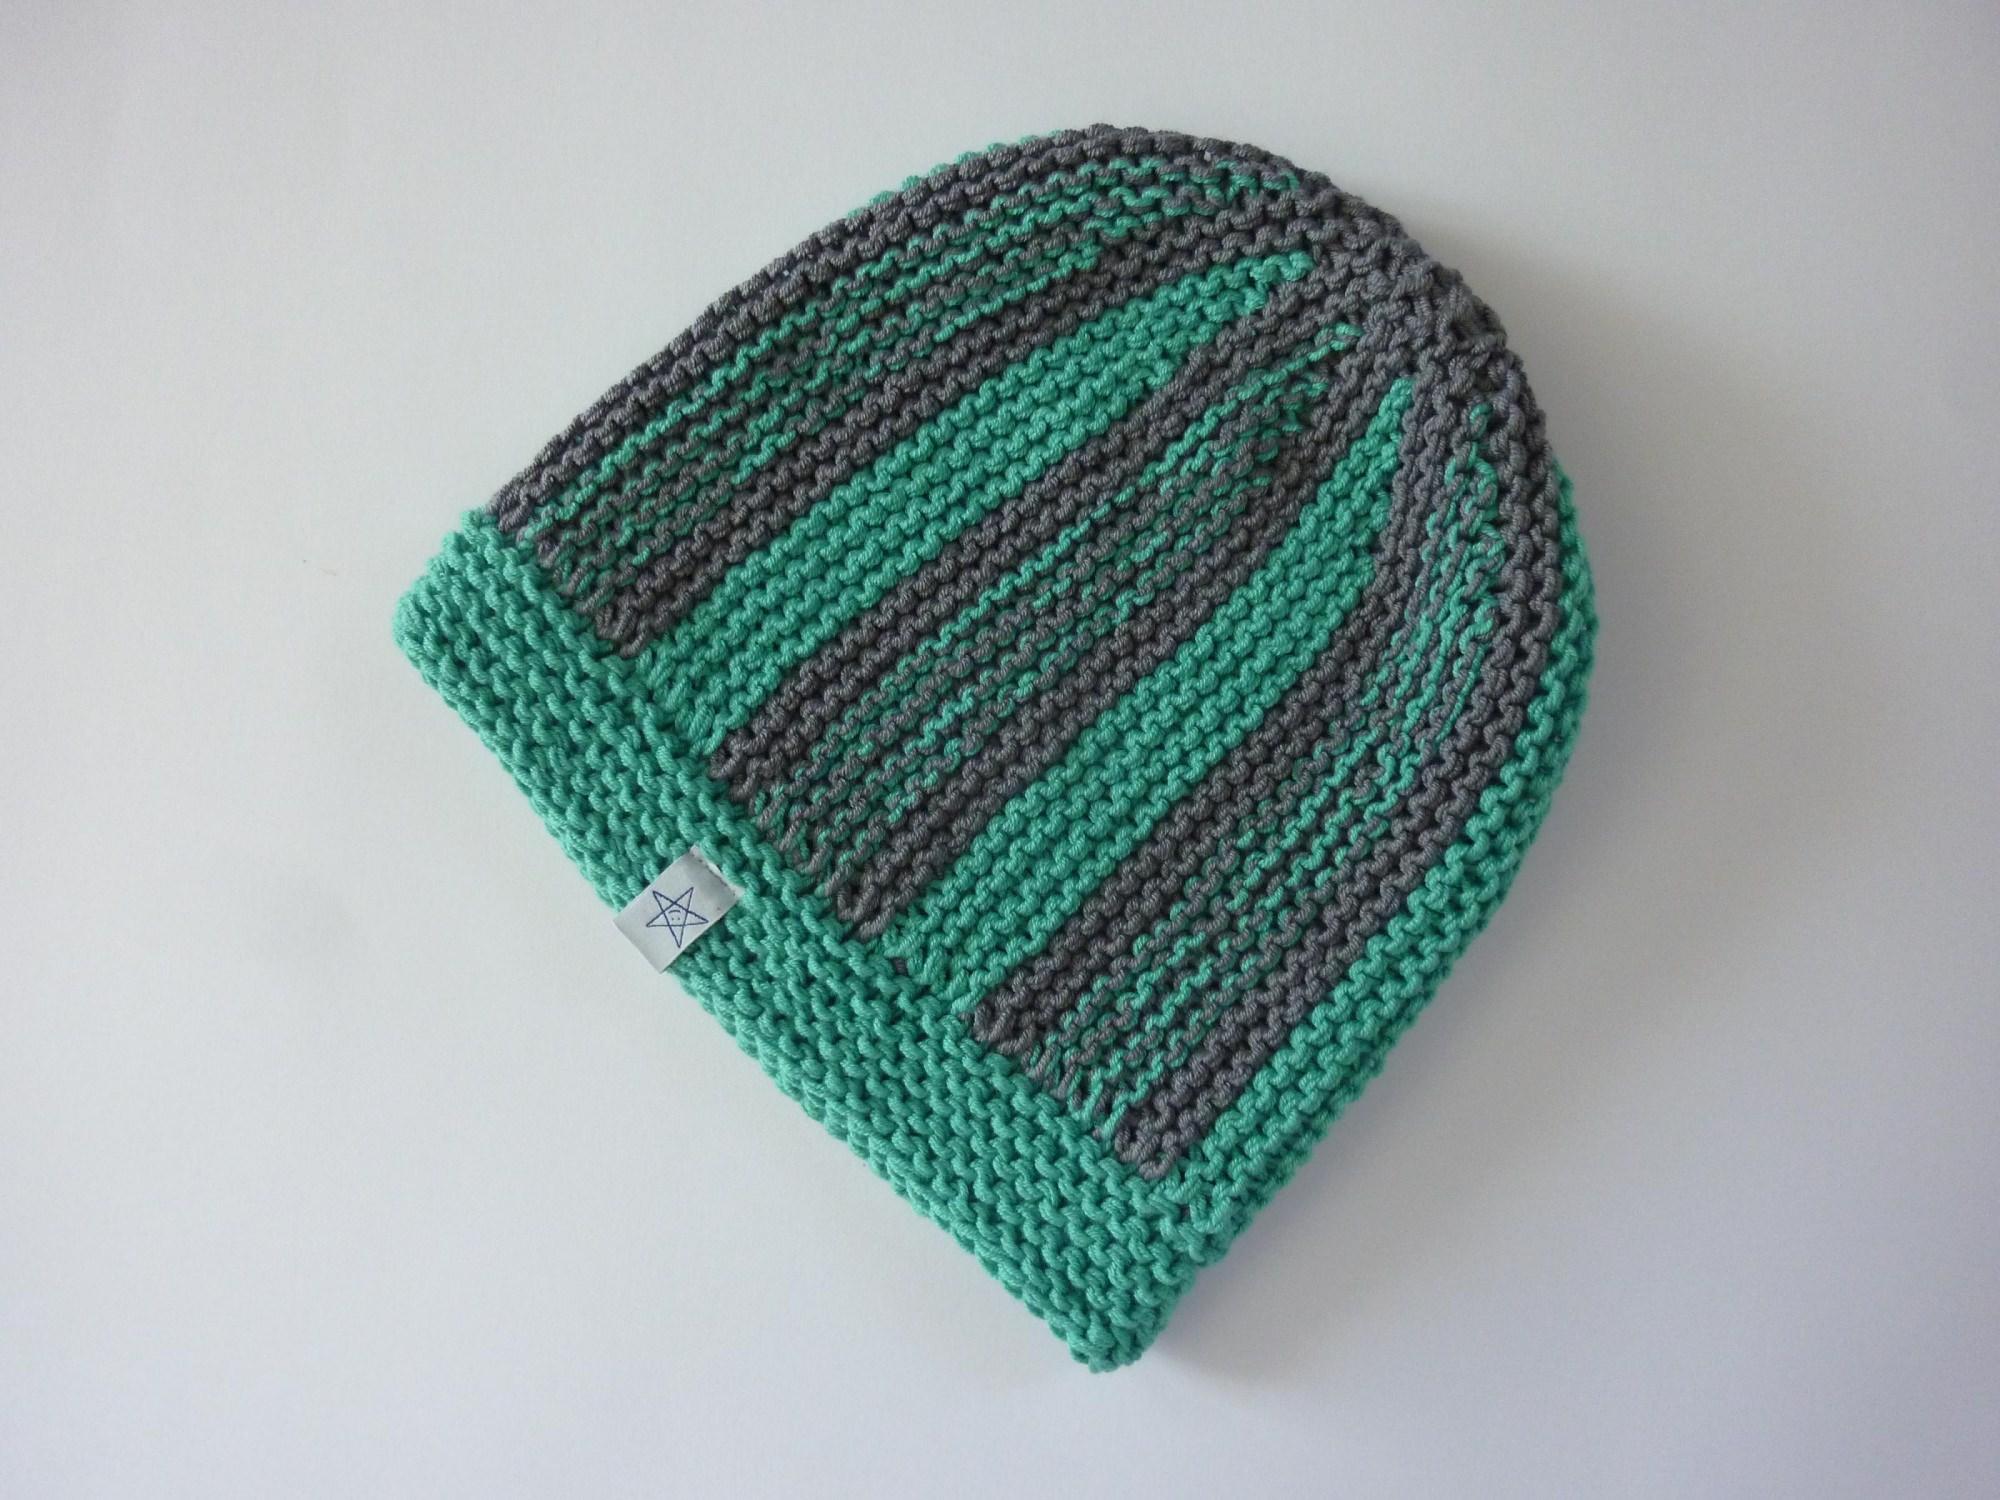 Kleinesbild - Strickmütze grüntürkis und grau aus Baumwolle handgestrickt